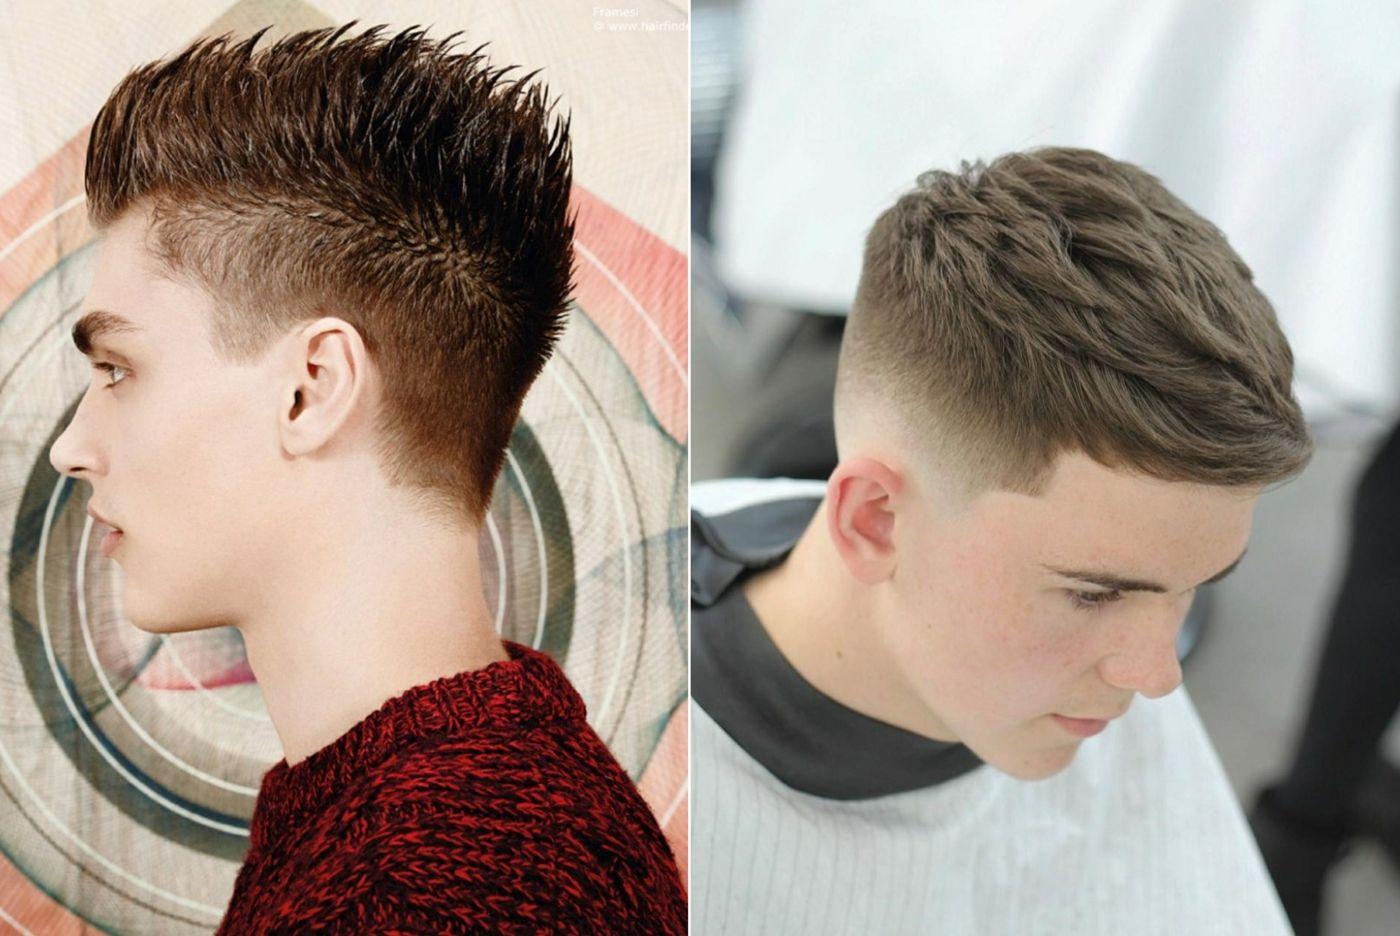 90er Jahre Haarstyling Modern Interpretiert Fur Einen Peppigen Look Bei Jungs Jungs Frisuren Frisuren Kinderfrisuren